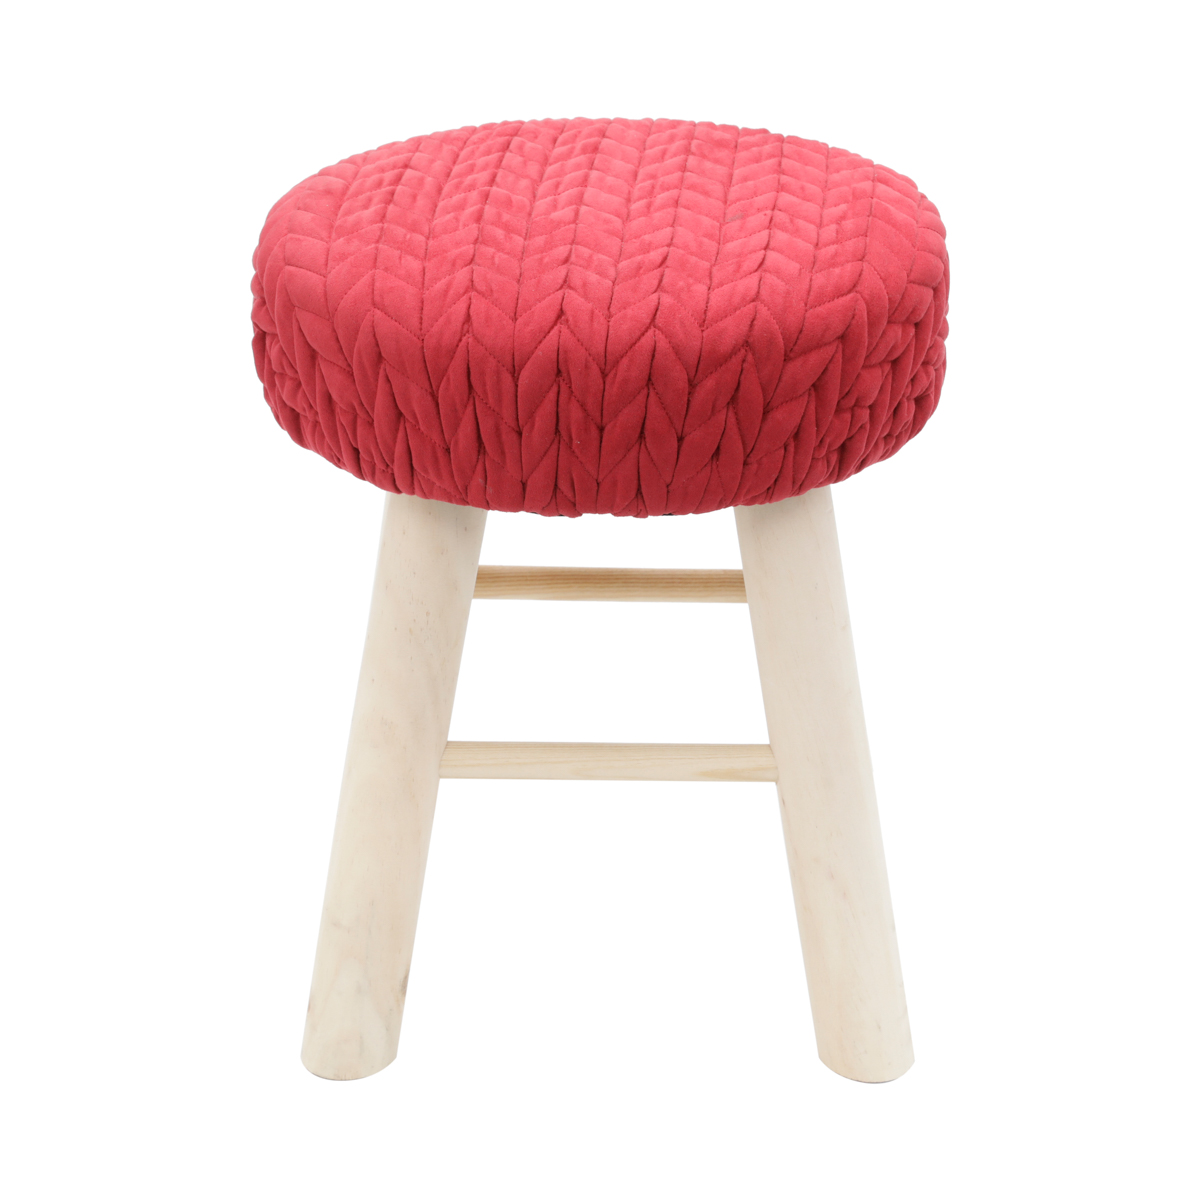 Pufe madeira algodão Crochet Round vinho 30x38x30cm Urban